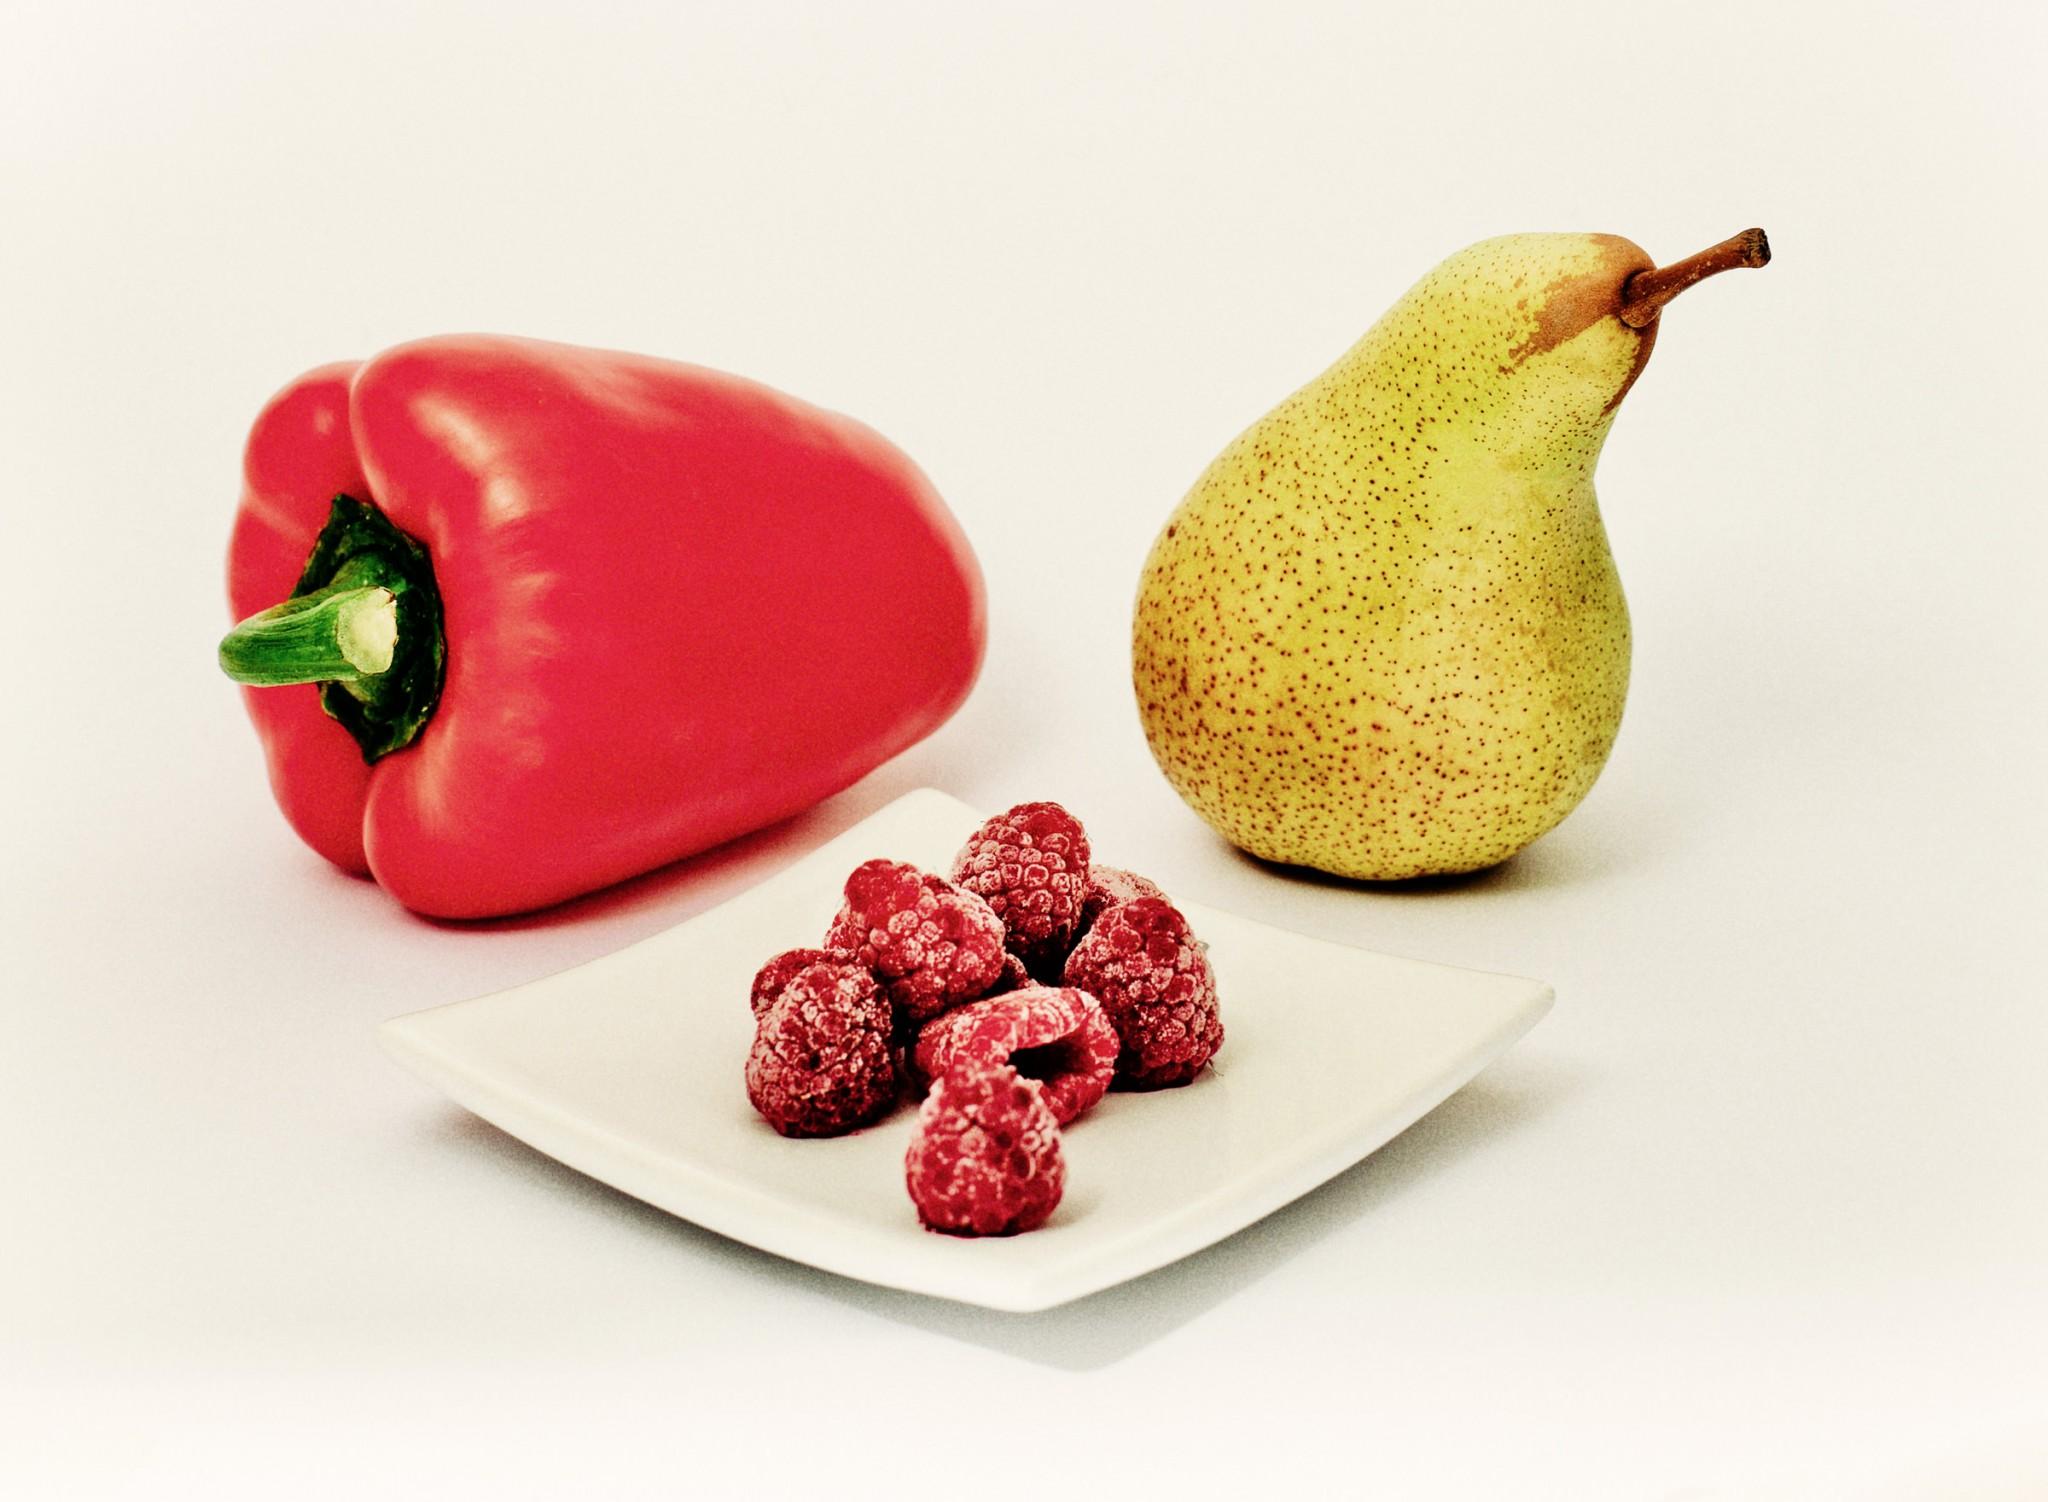 Geschmacksrichtung Himbeere, Paprika und Birne